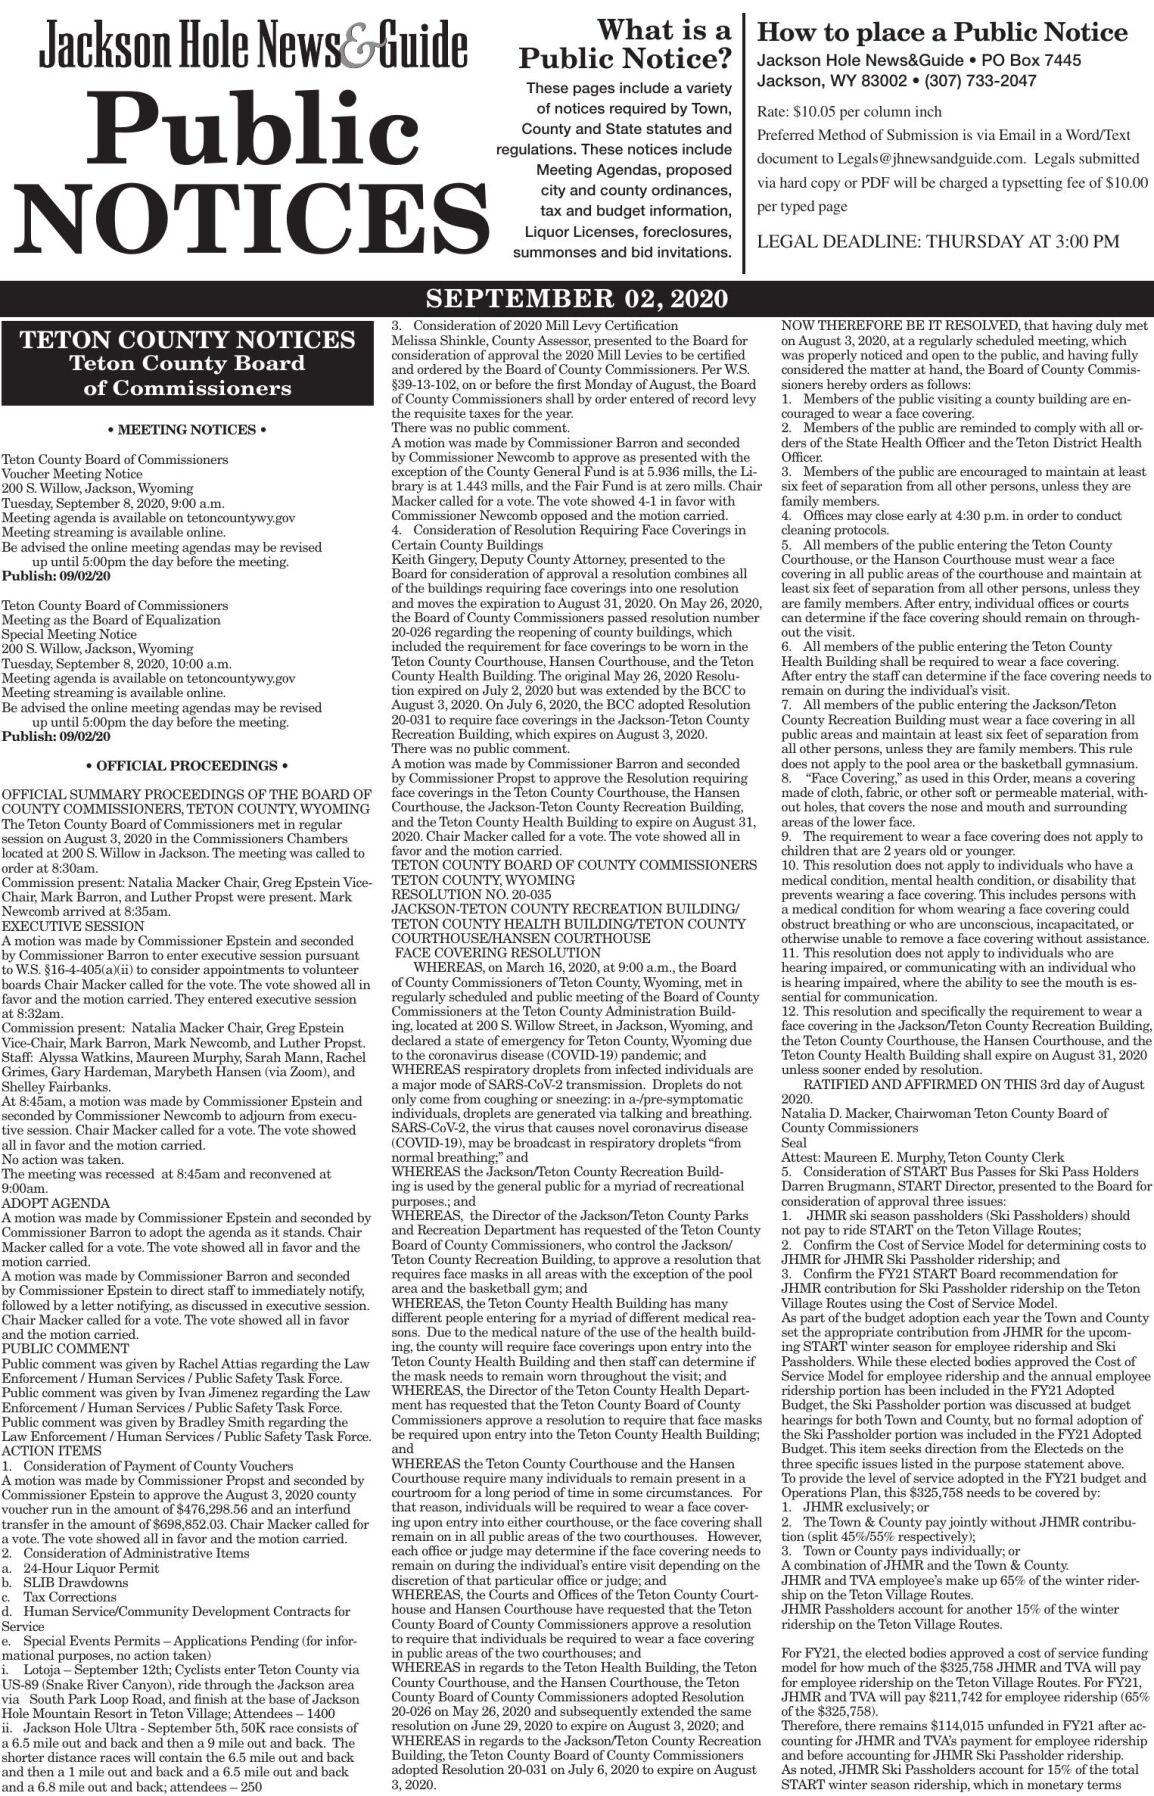 Public Notices, Sep. 2, 2020